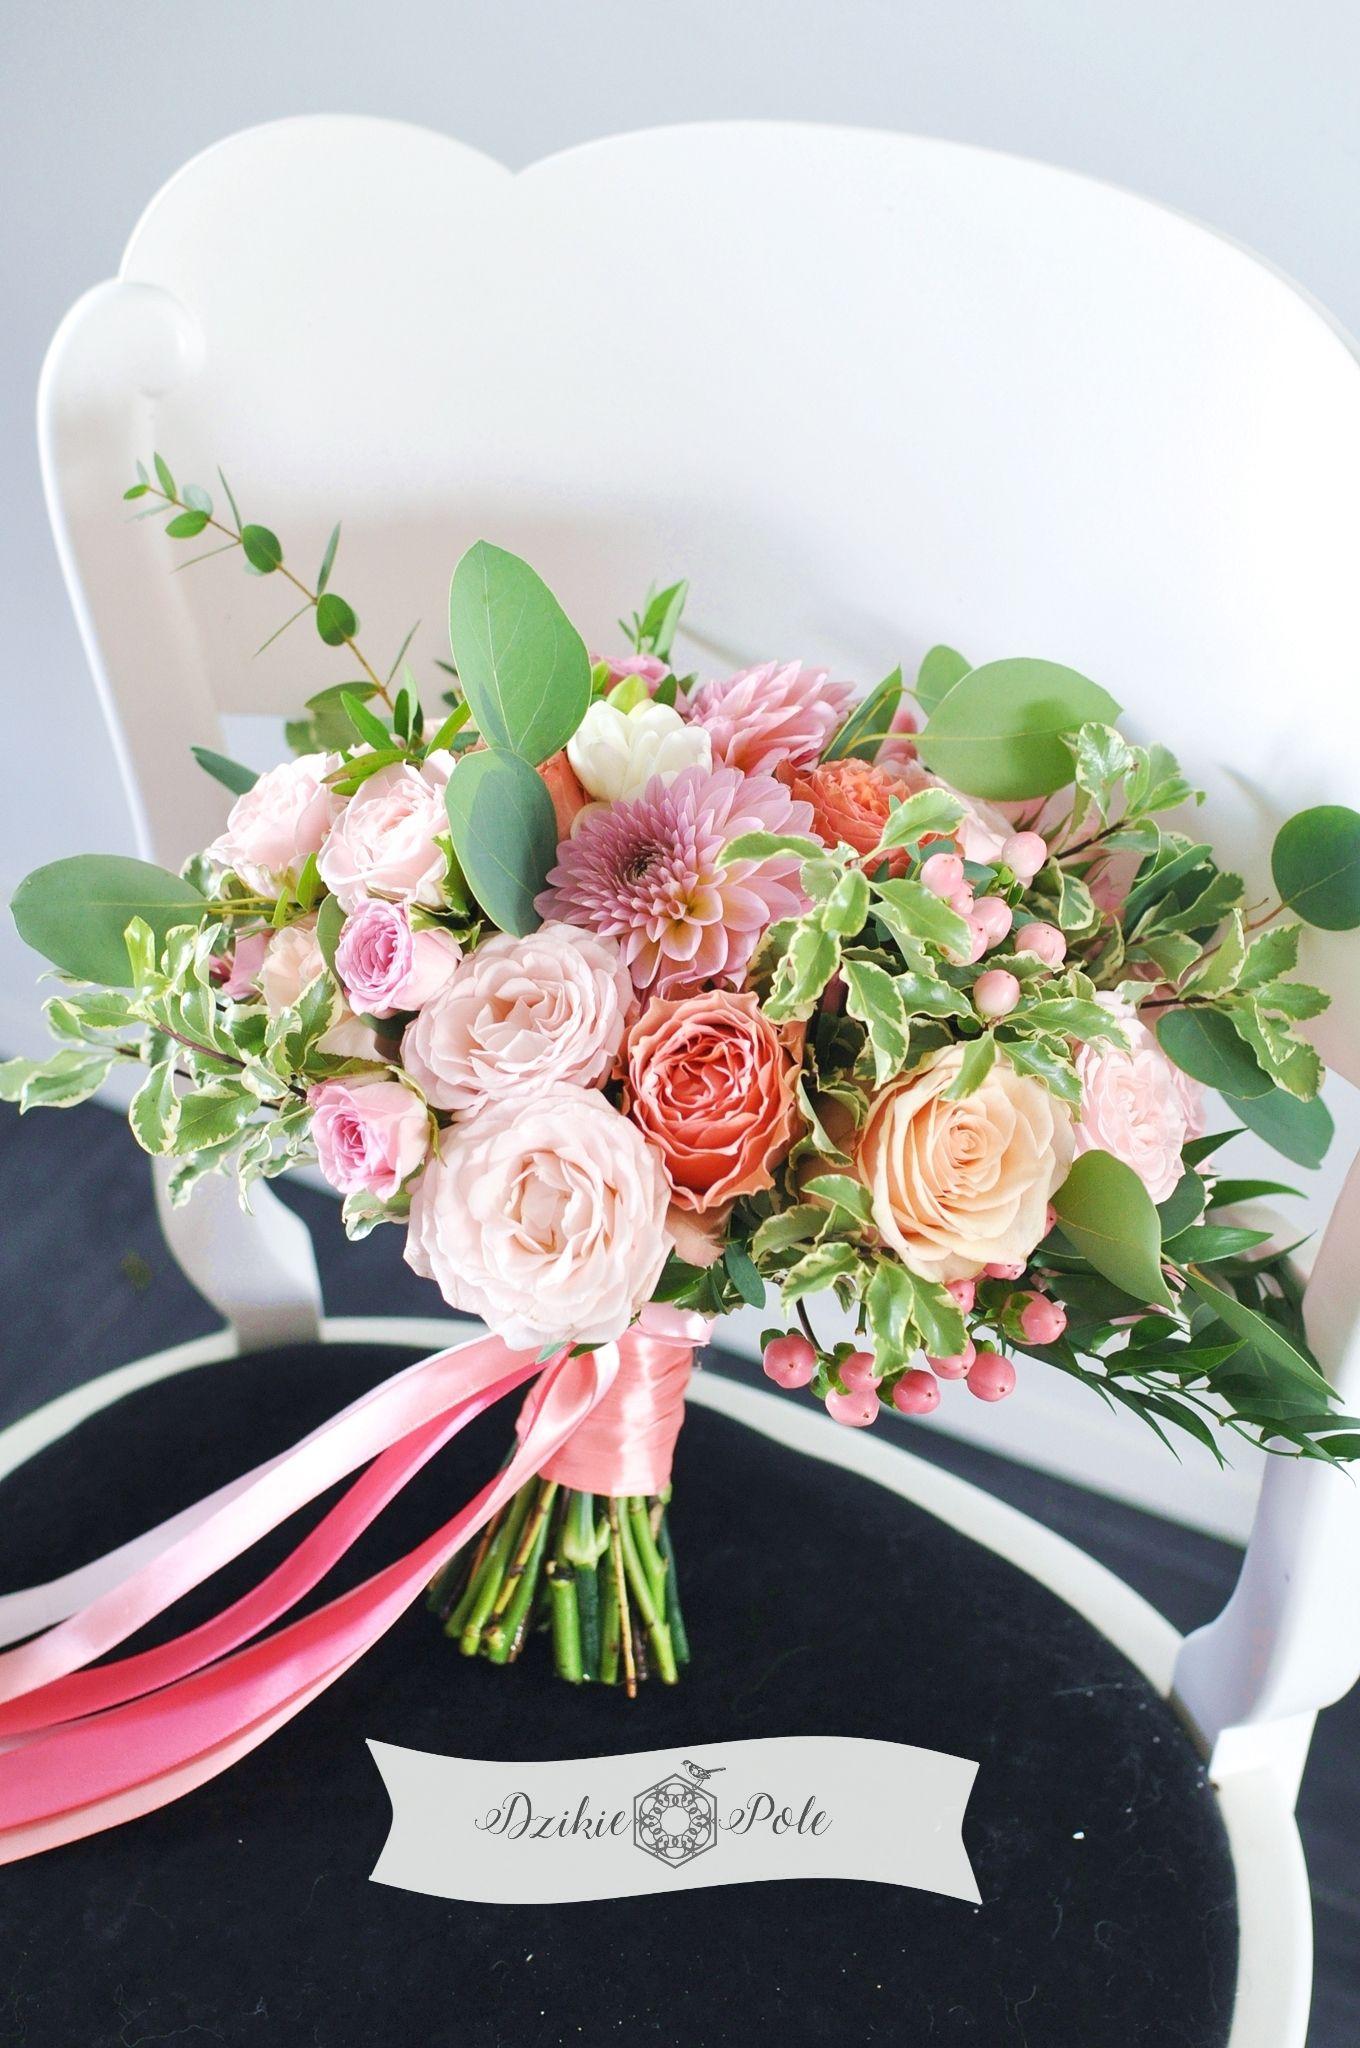 Bukiet Slubny Kolorowy Brzoskwiniowe Koralowe Kwiaty Boho Wedding Bouquet Coral Peach Flowers Table Decorations Decor Home Decor